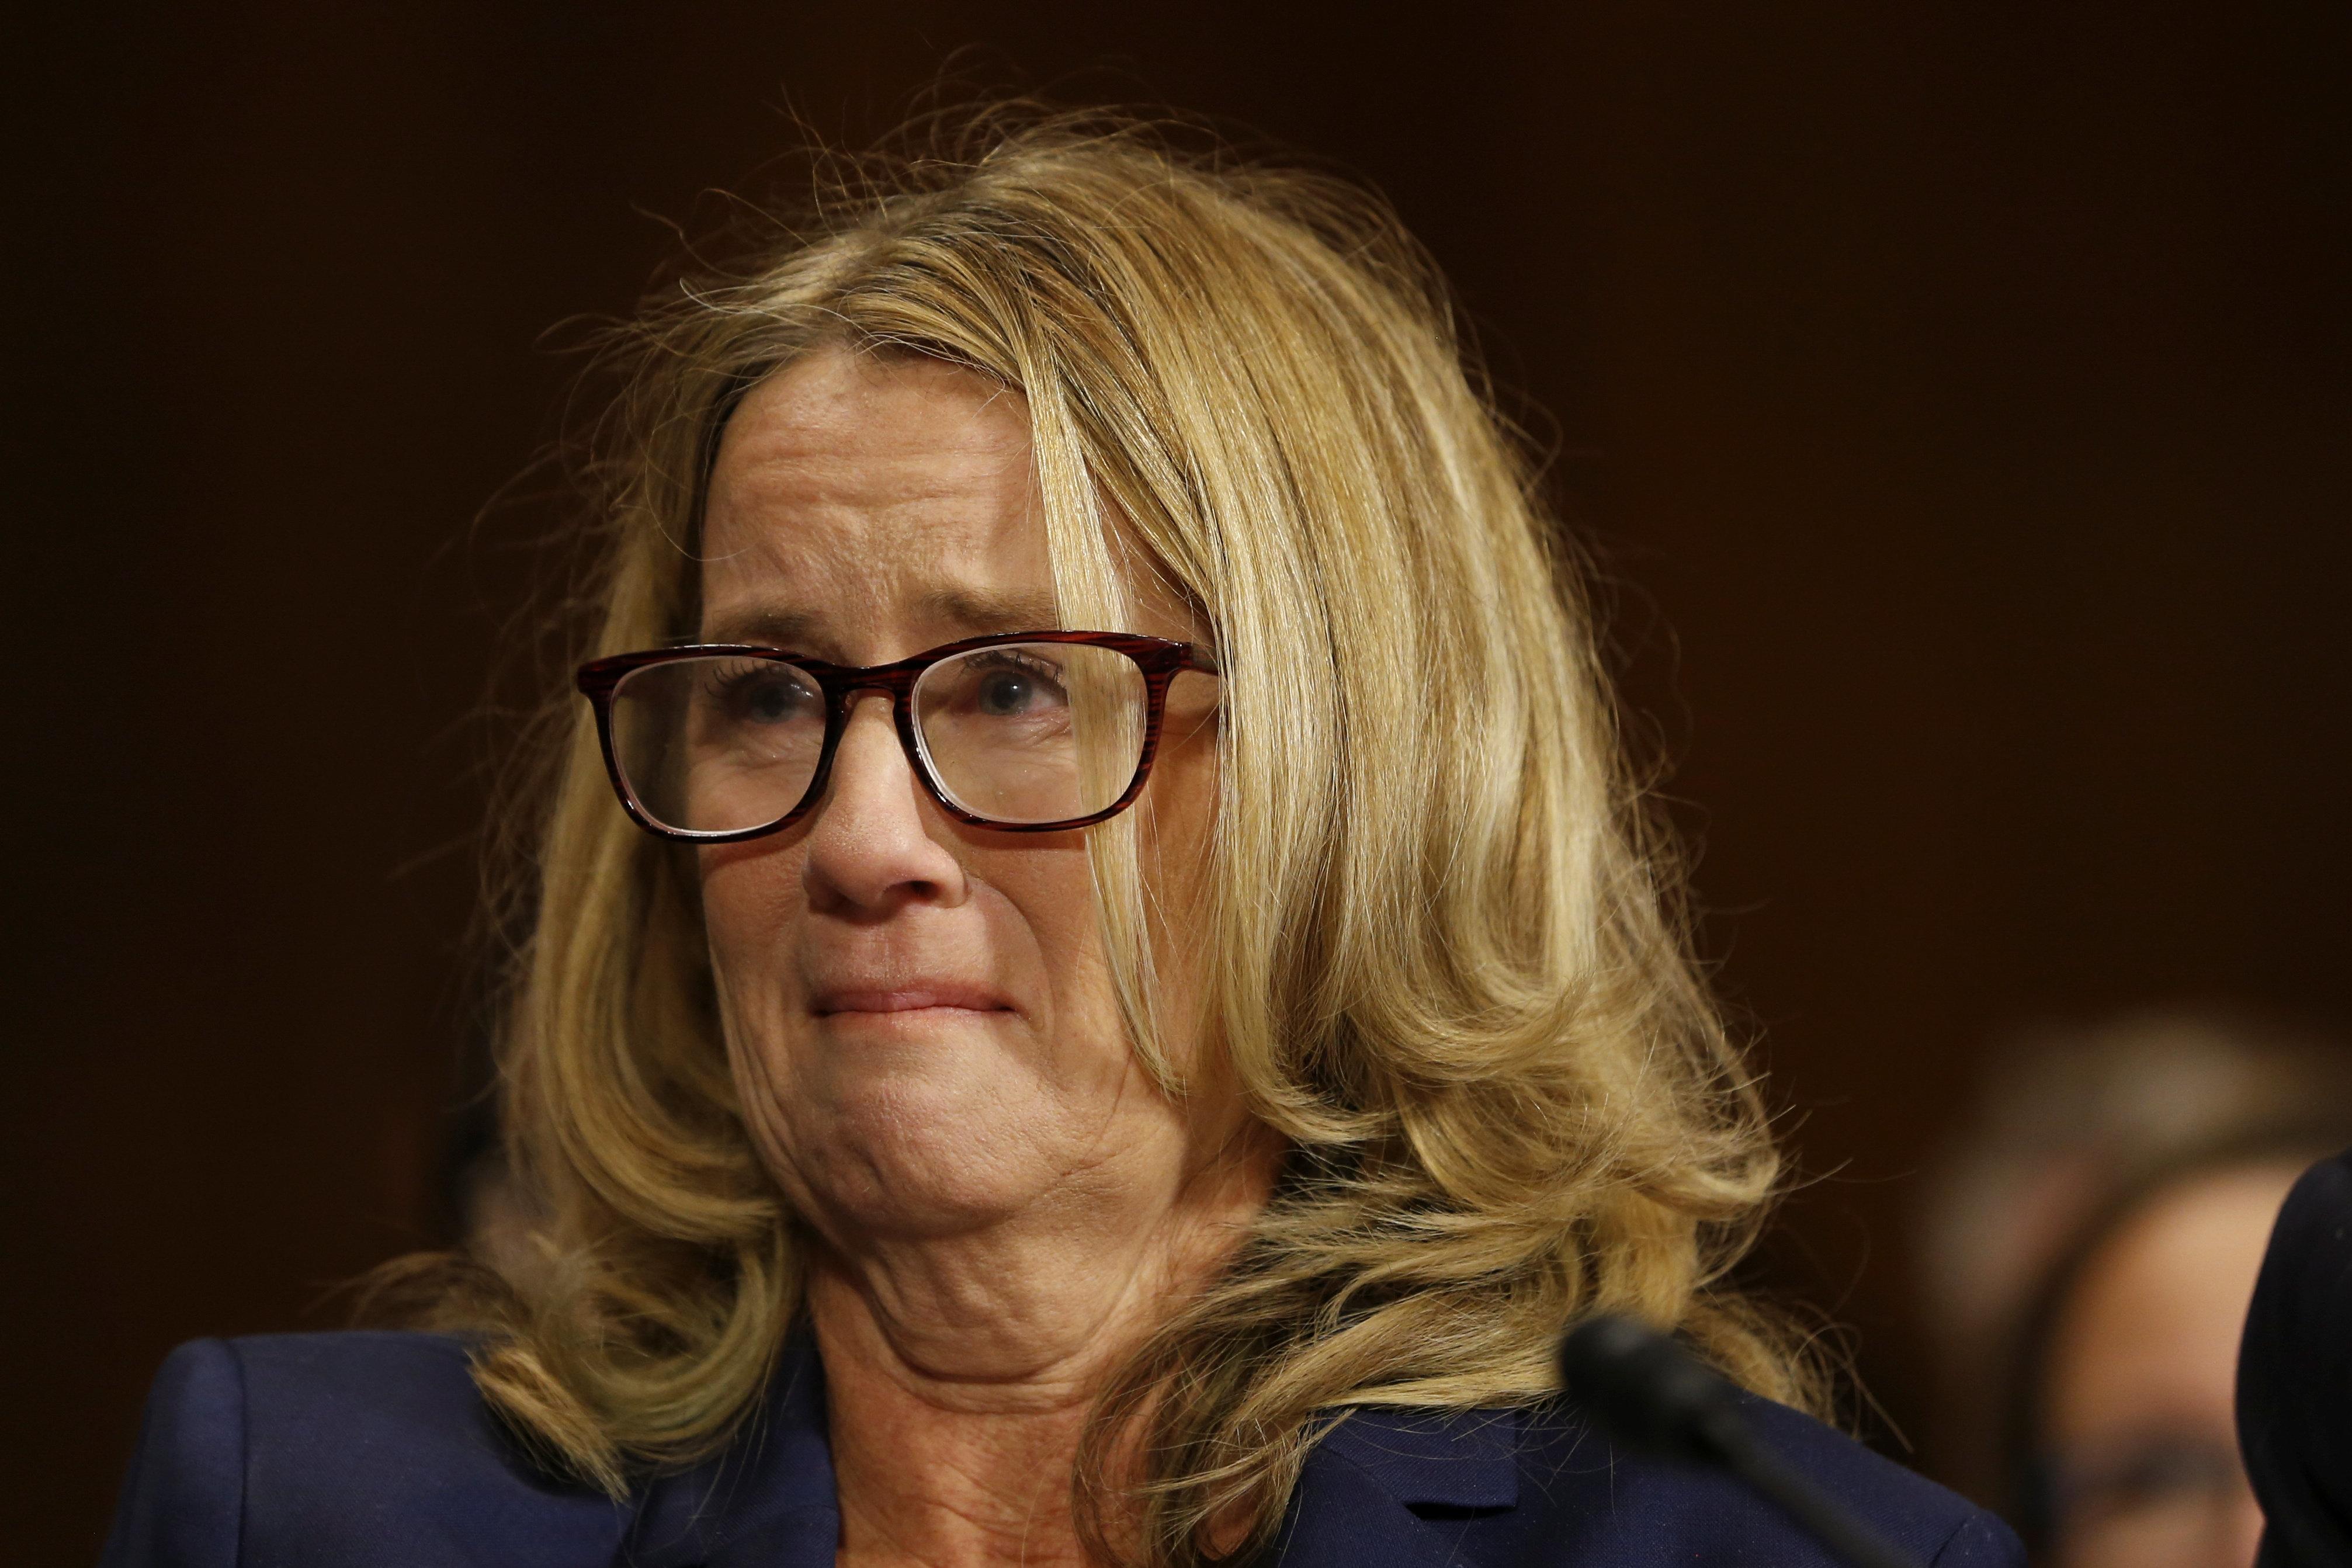 美 대법관 후보의 성폭력을 폭로한 여성이 증언 도중 눈물을 쏟은 감동적